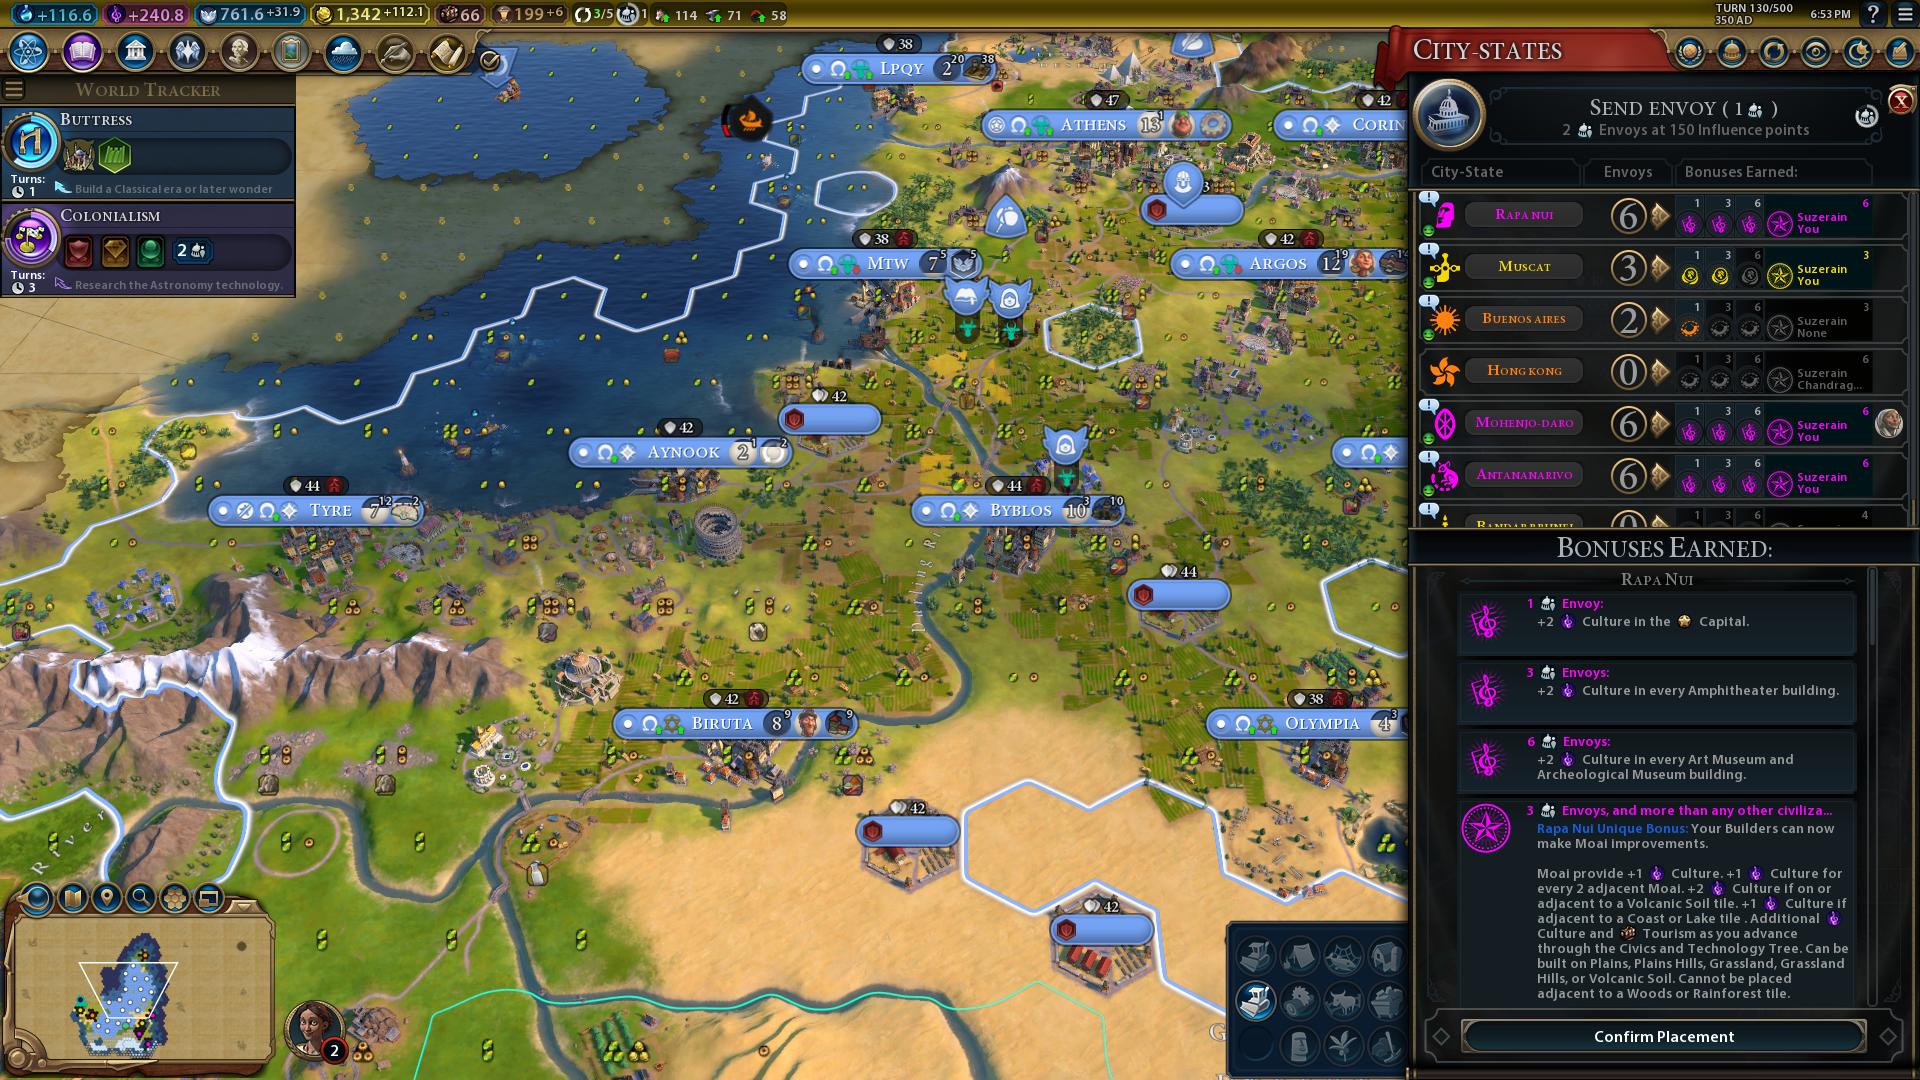 Sid Meier's Civilization VI (DX11) 4_7_2019 6_53_08 PM.png